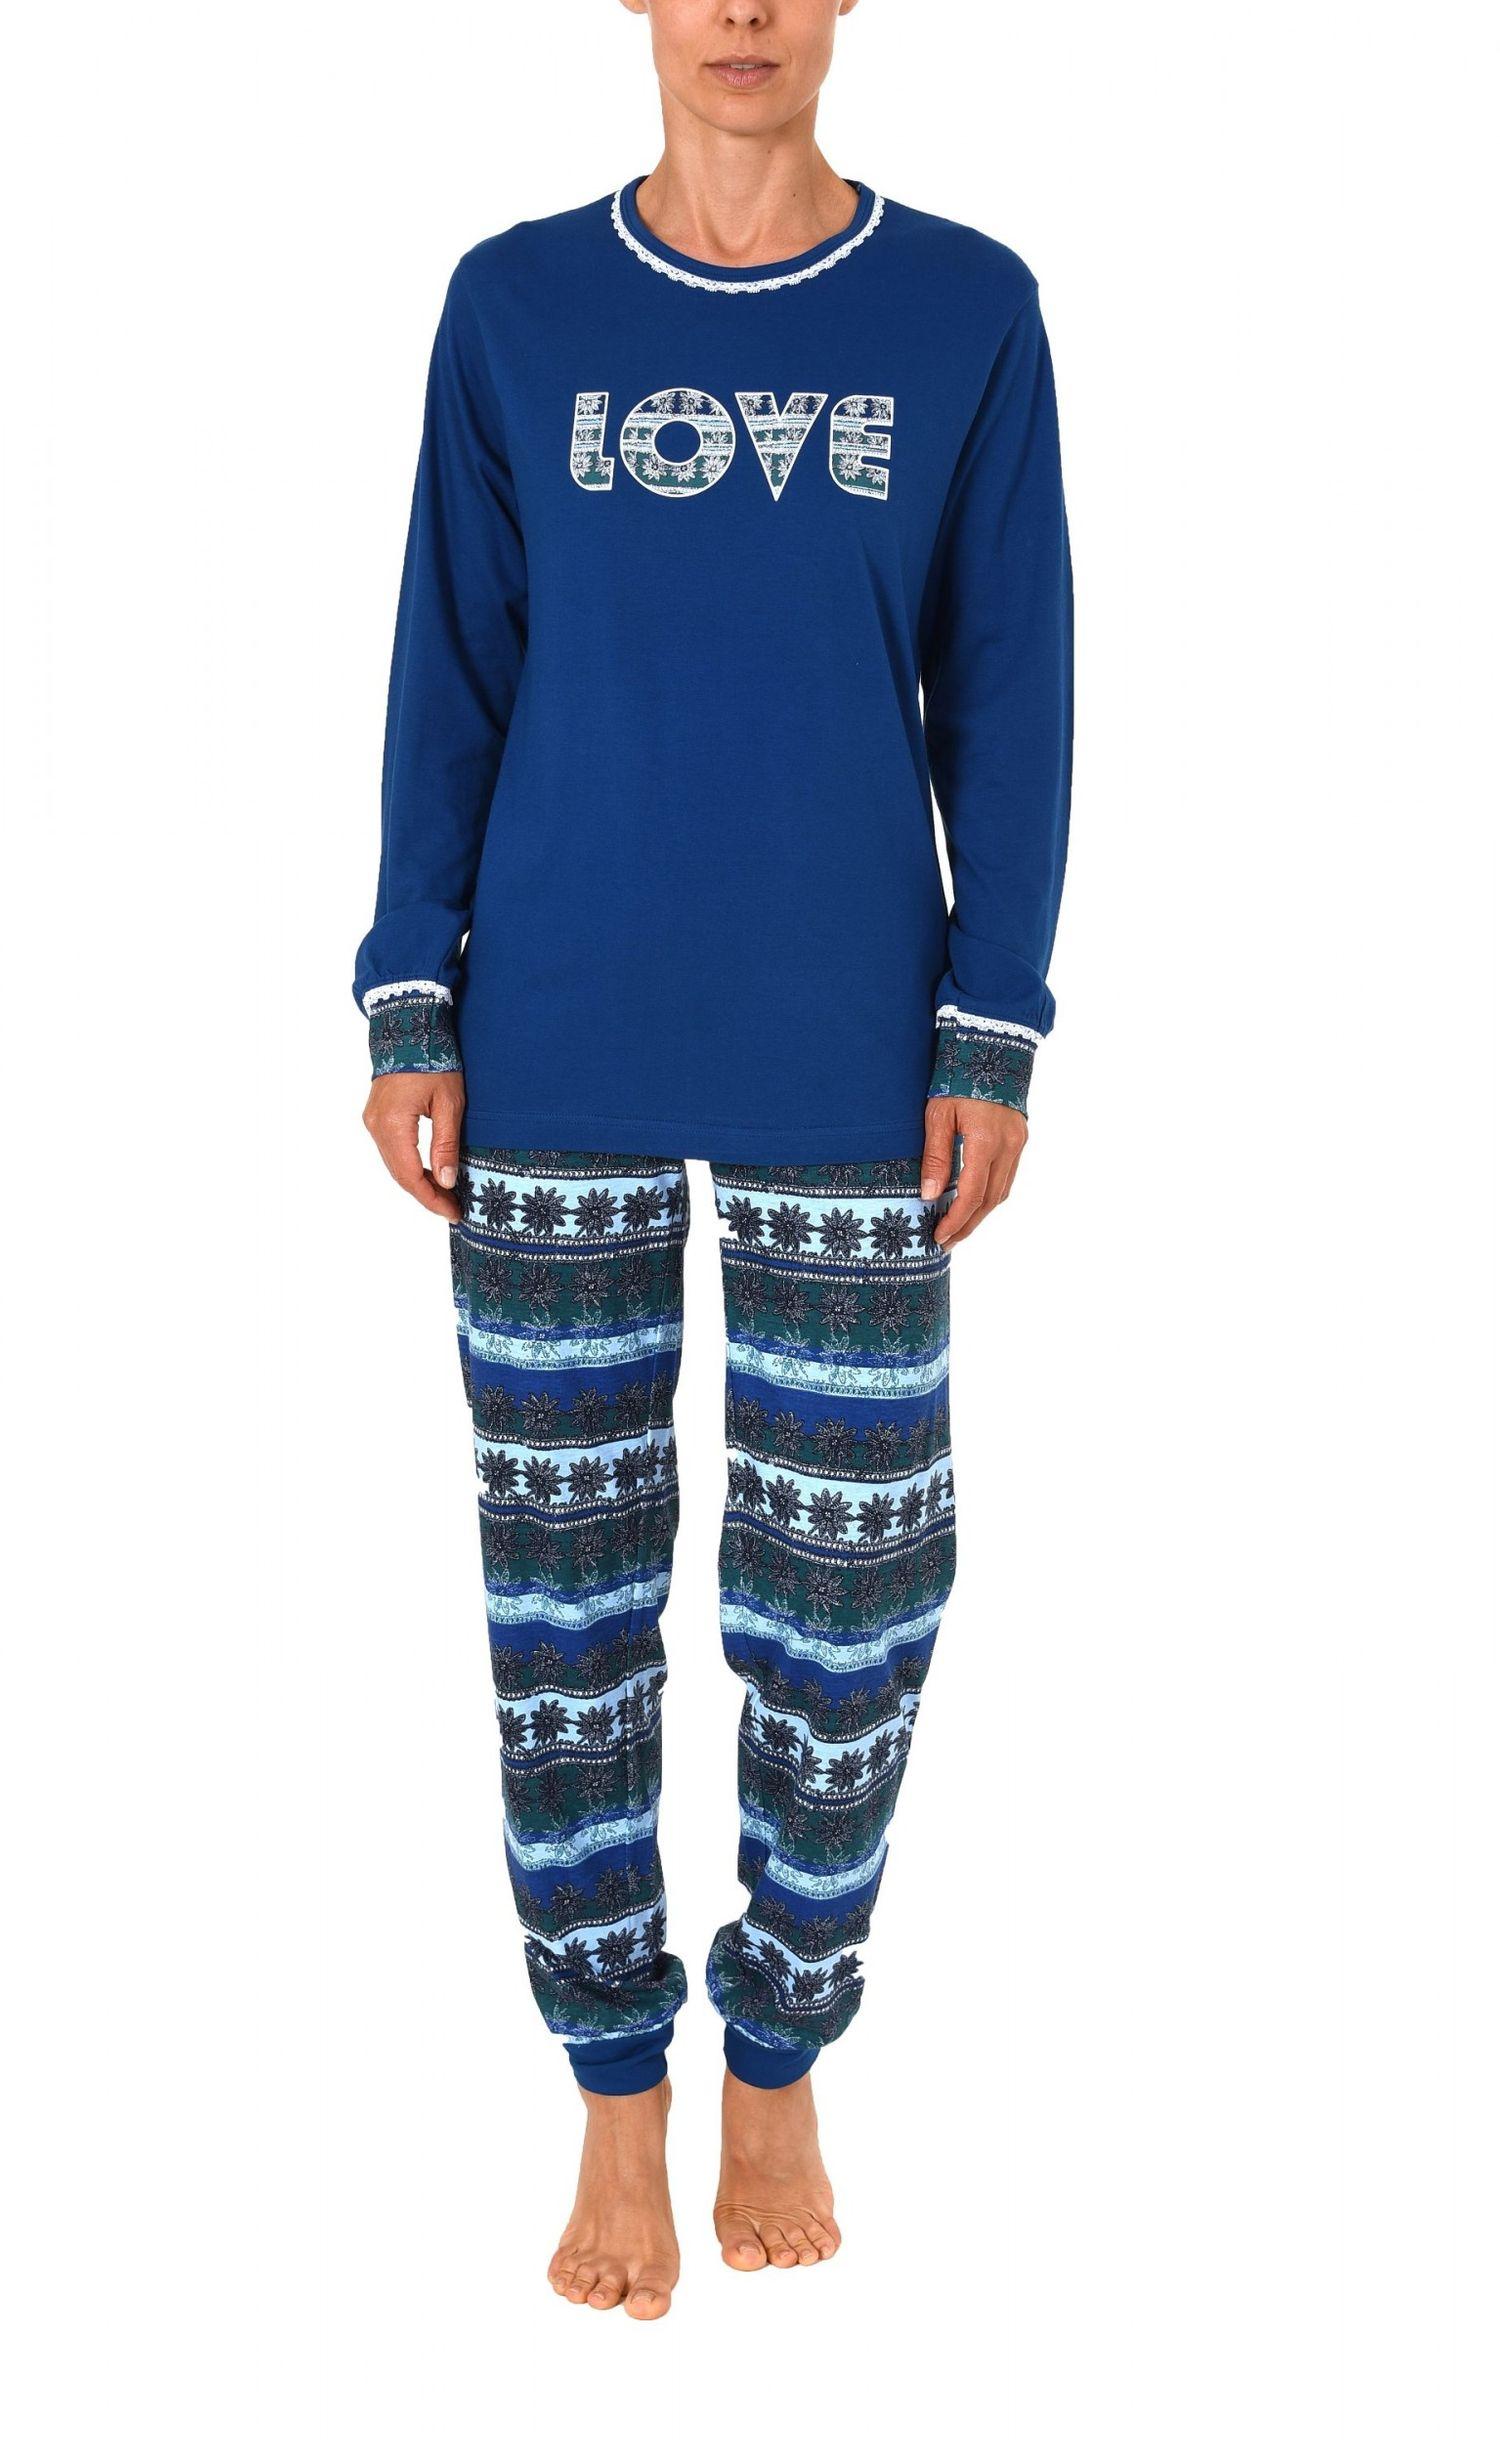 Cooler Damen Pyjama lang mit Bündchen – auch in Übergrössen bis 60/62 – 271 201 90 106 – Bild 2